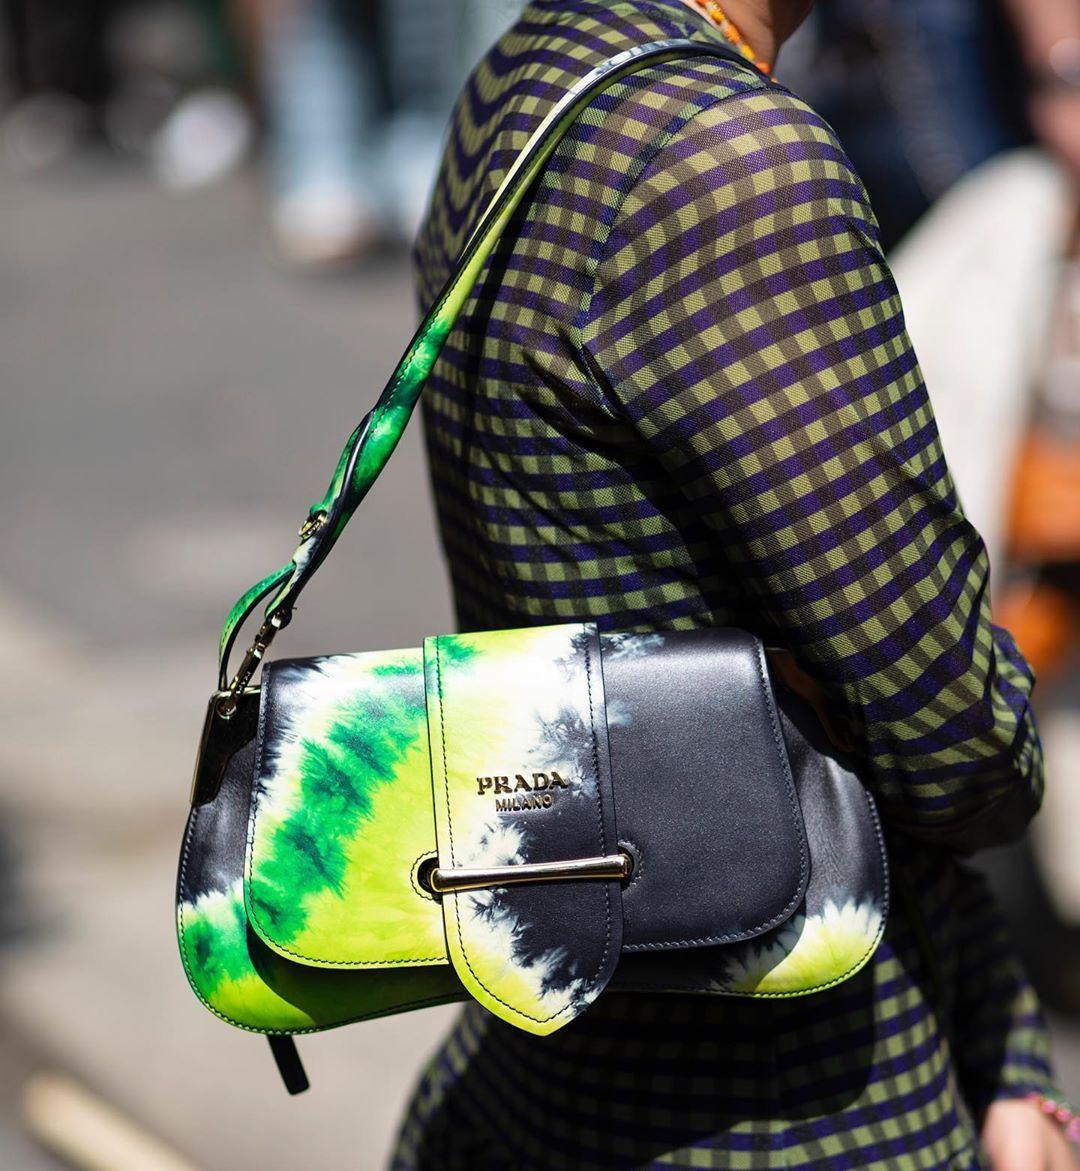 🖤💚 @prada #bag #details #milano #MFW #milanfashionweek #mfw2019  #fashionweek #SS20 #style #streetstyle #fashion #designer #mode #m… |  Trendy bag, Prada, Bags